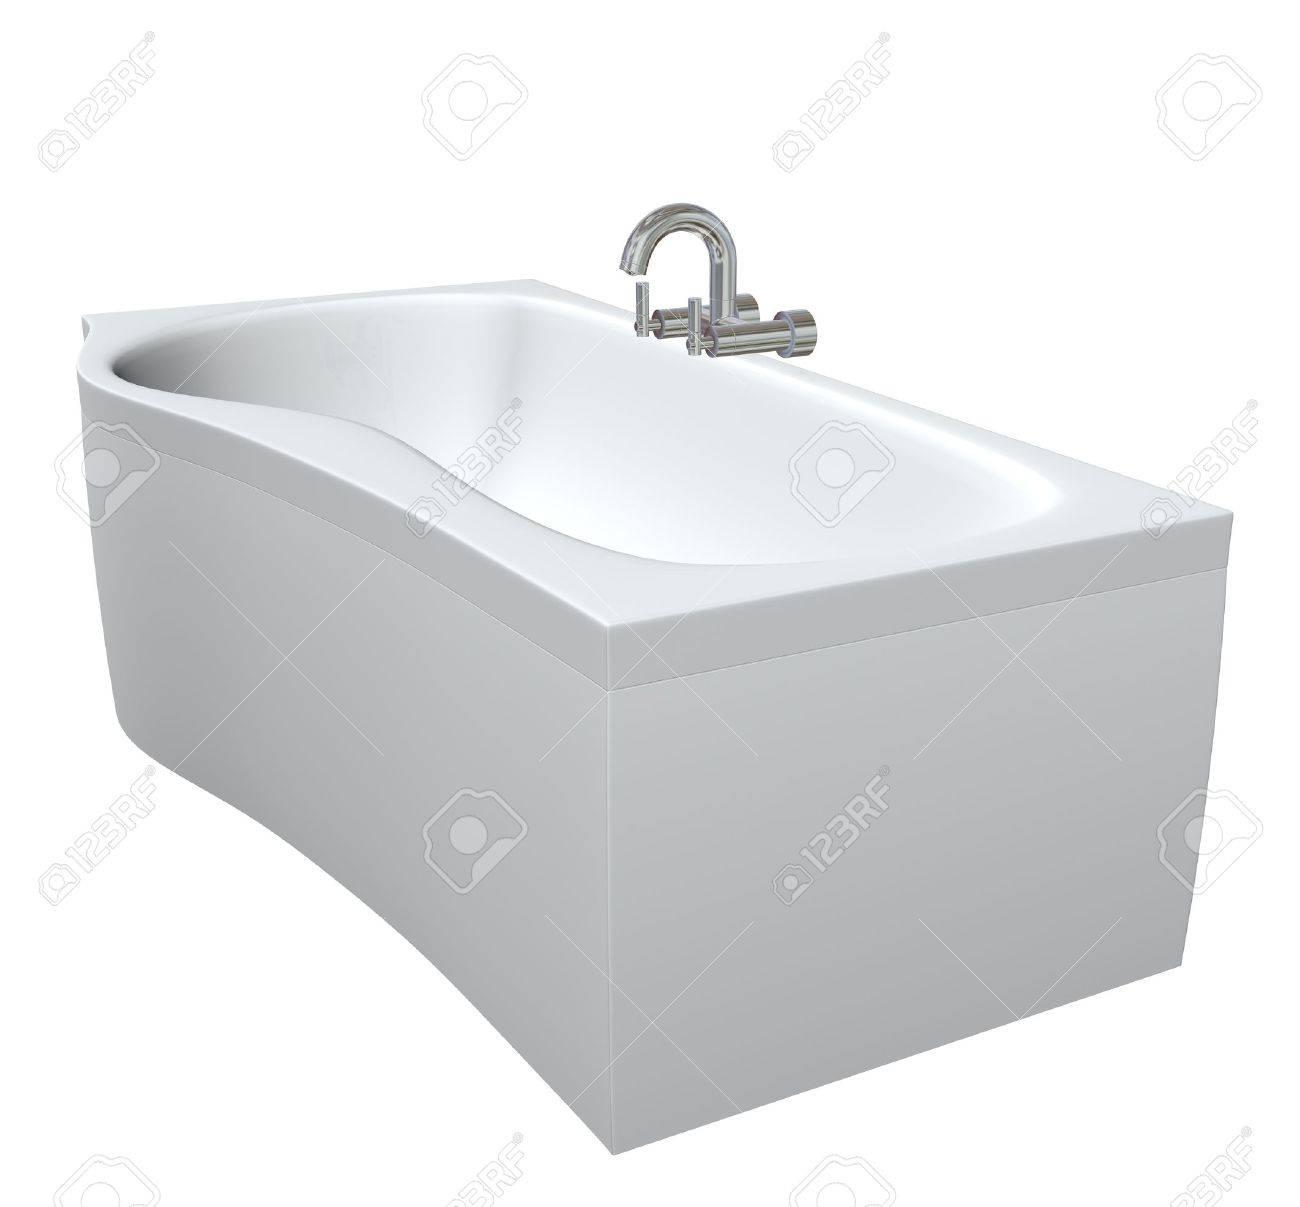 Vasca da bagno in ceramica o acrylc impostato con infissi cromati ...